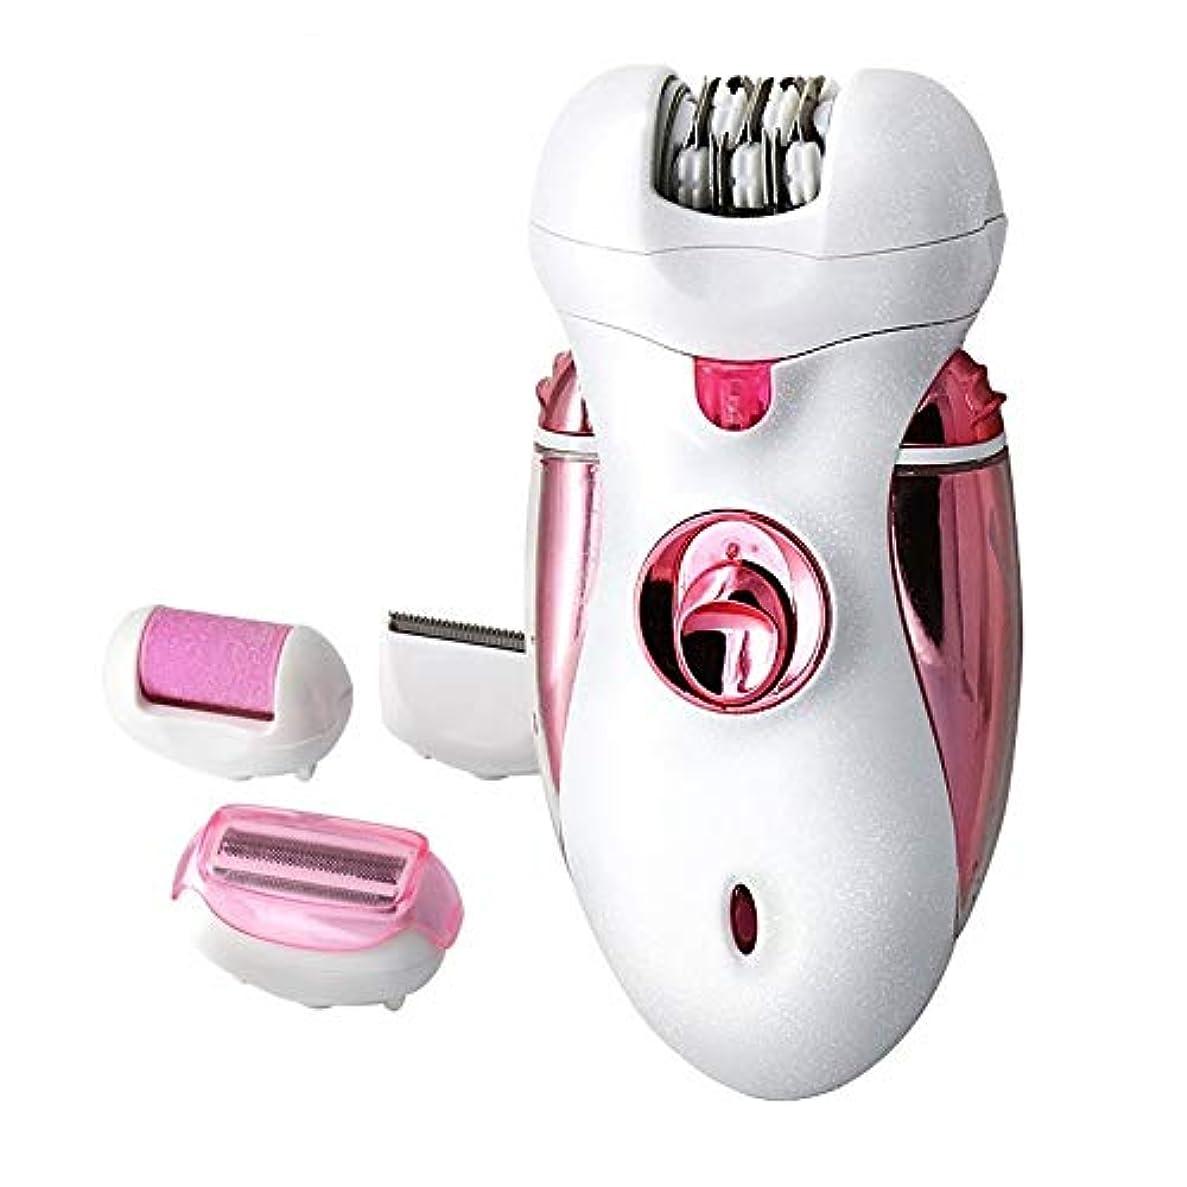 腐敗ビクター正確に女性電気かみそり、シェービング女性の髪トリマー有料脱毛器コードレス懐中電灯のための1つの脱毛体毛トリマーで多機能かみそり4 (Color : Pink)